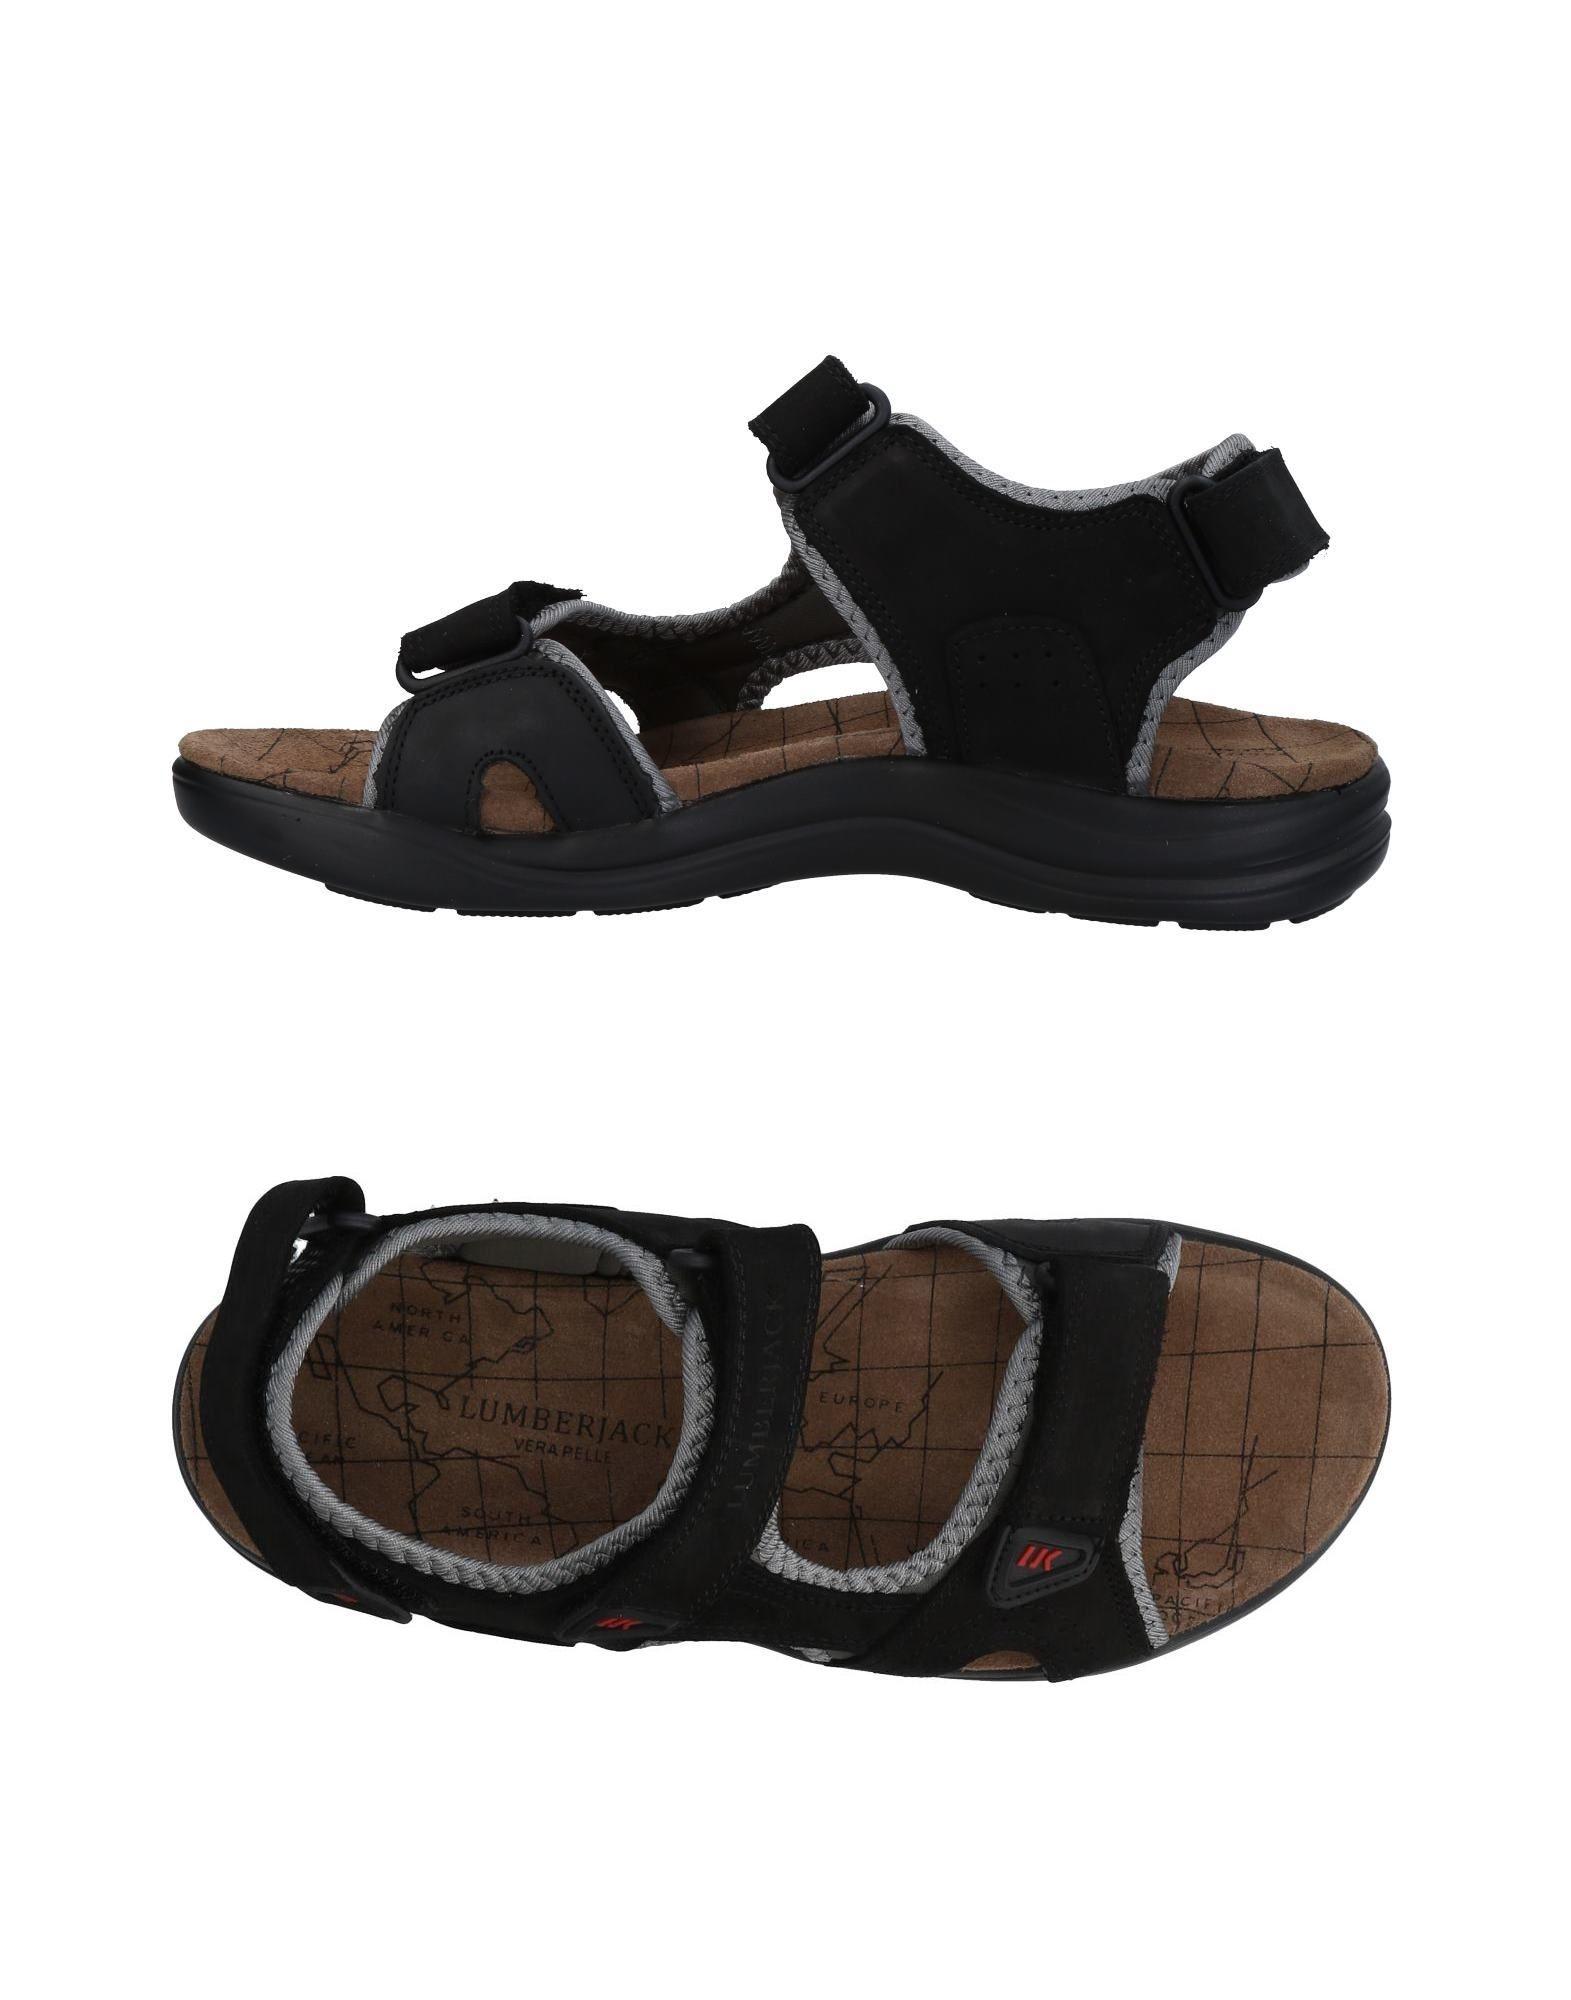 спортивные сандалии женские купить